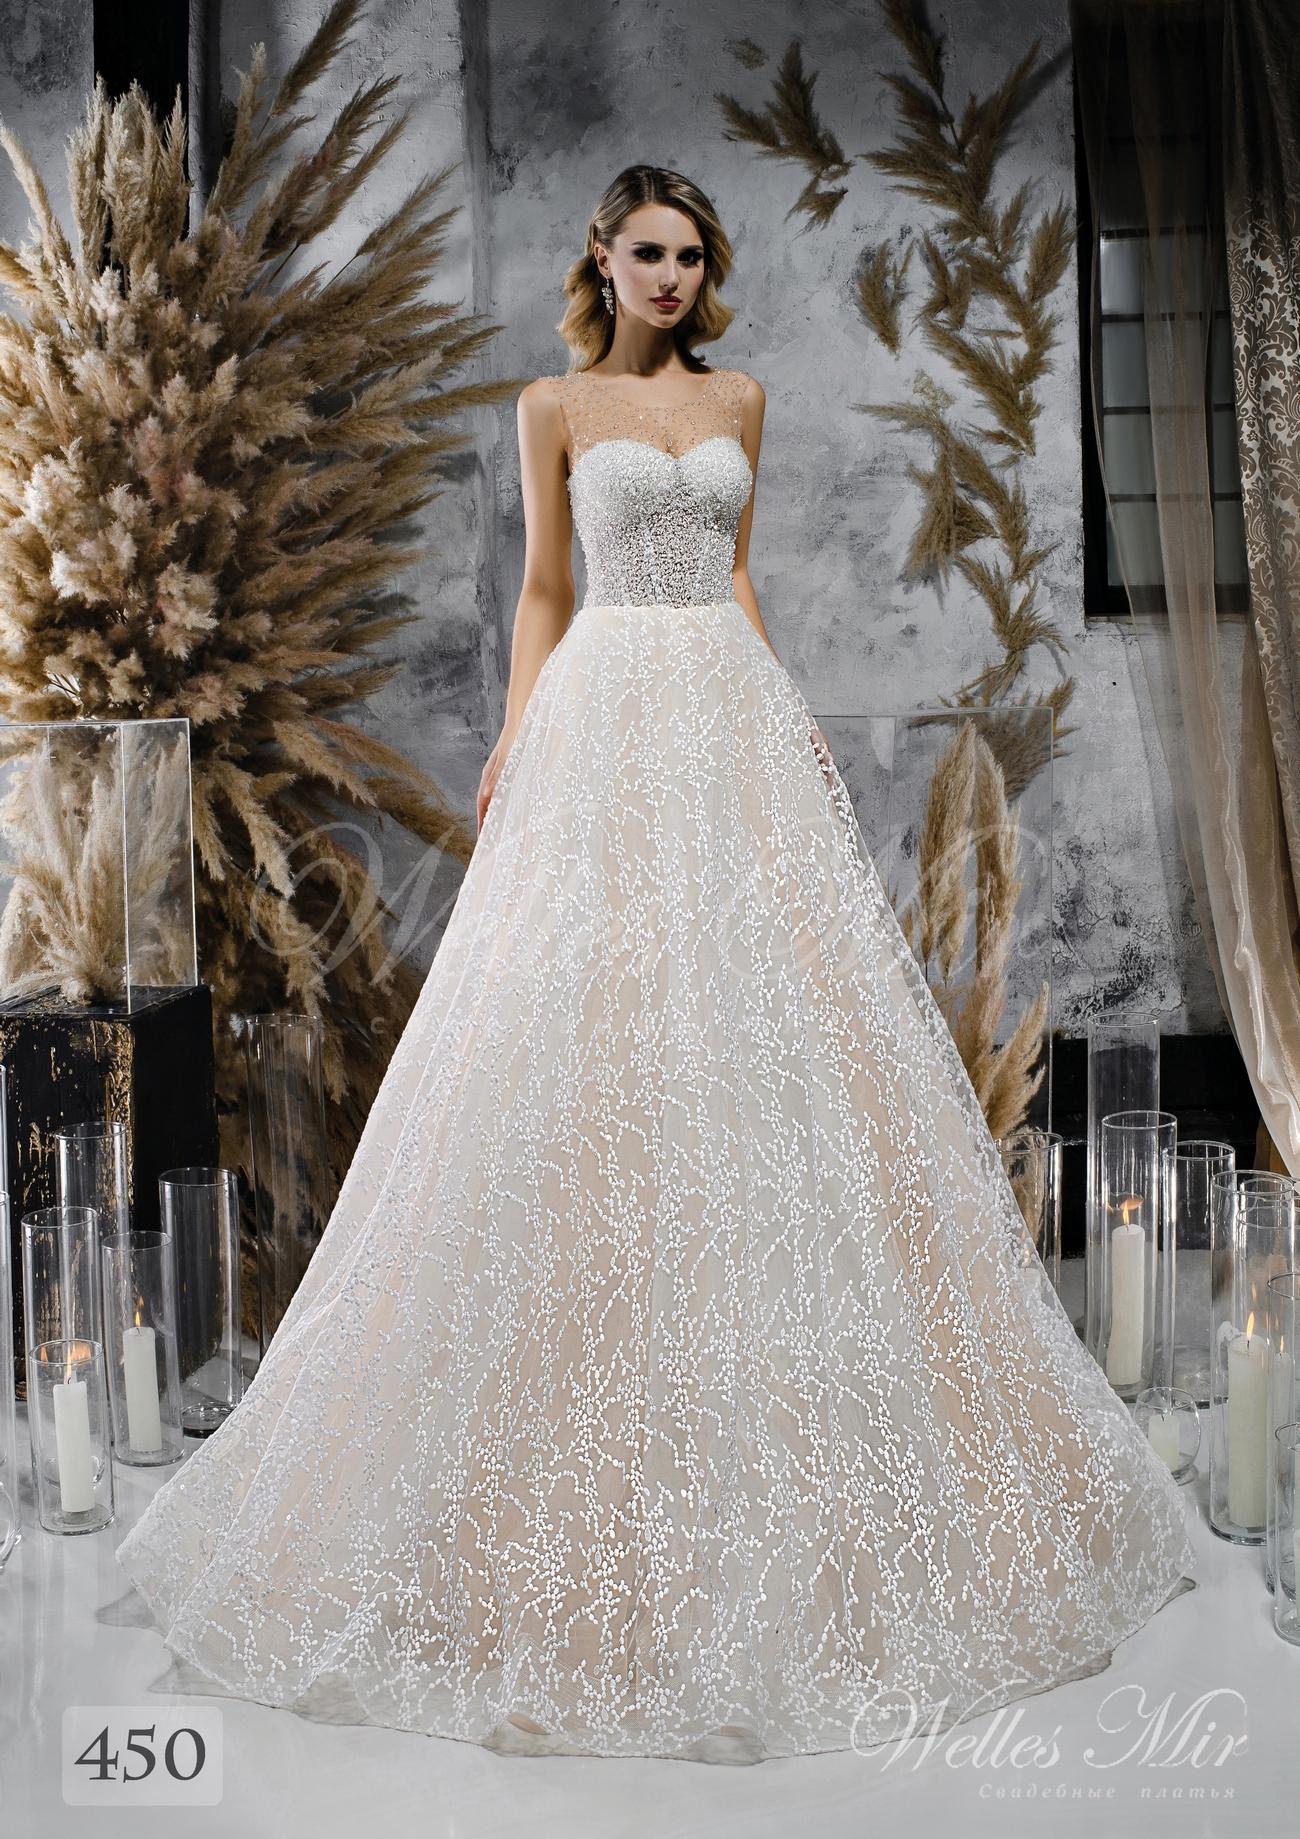 Кремовое свадебное платье с расшитым корсетом оптом